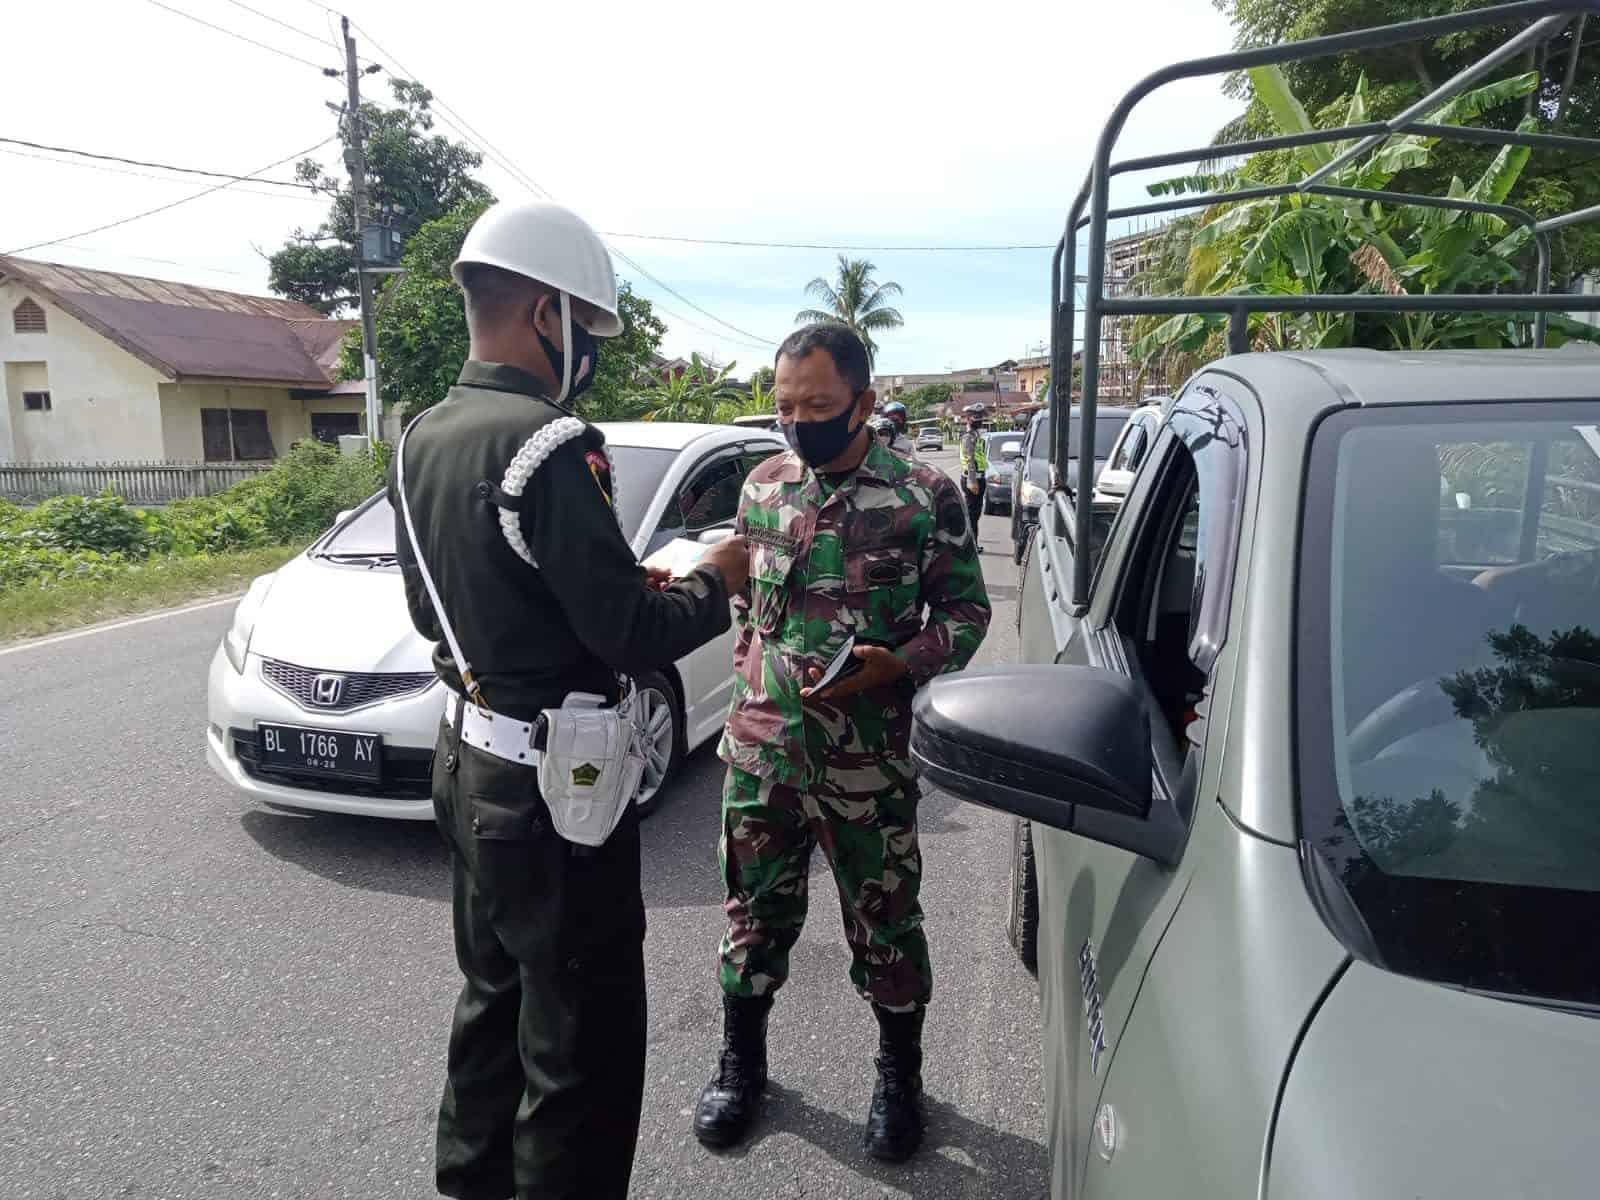 Operasi Patuh Selawah Resmi Dimulai, Prajurit dan Persit KCK Kodim 0110 Jadi Tauladan Disiplin